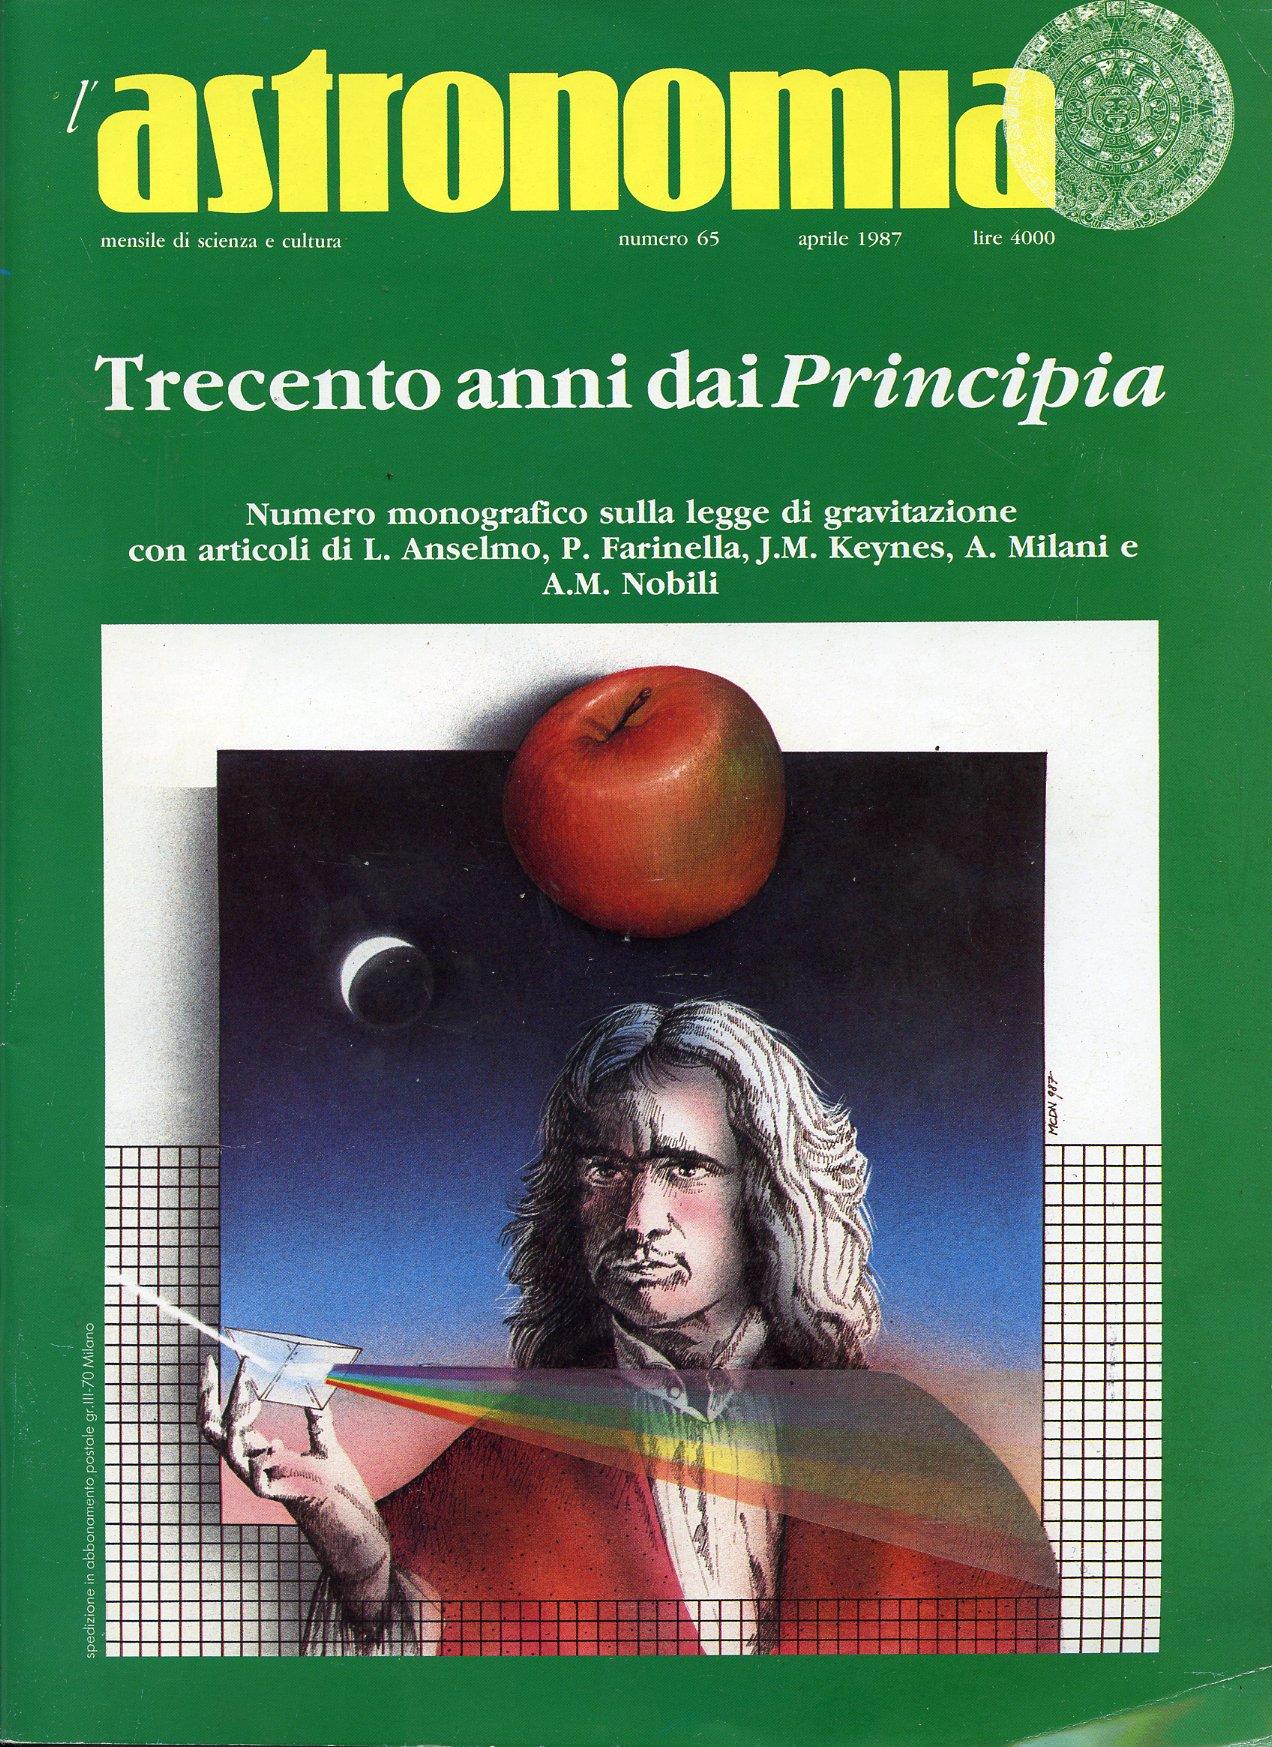 L'Astronomia, Anno IX, n.65